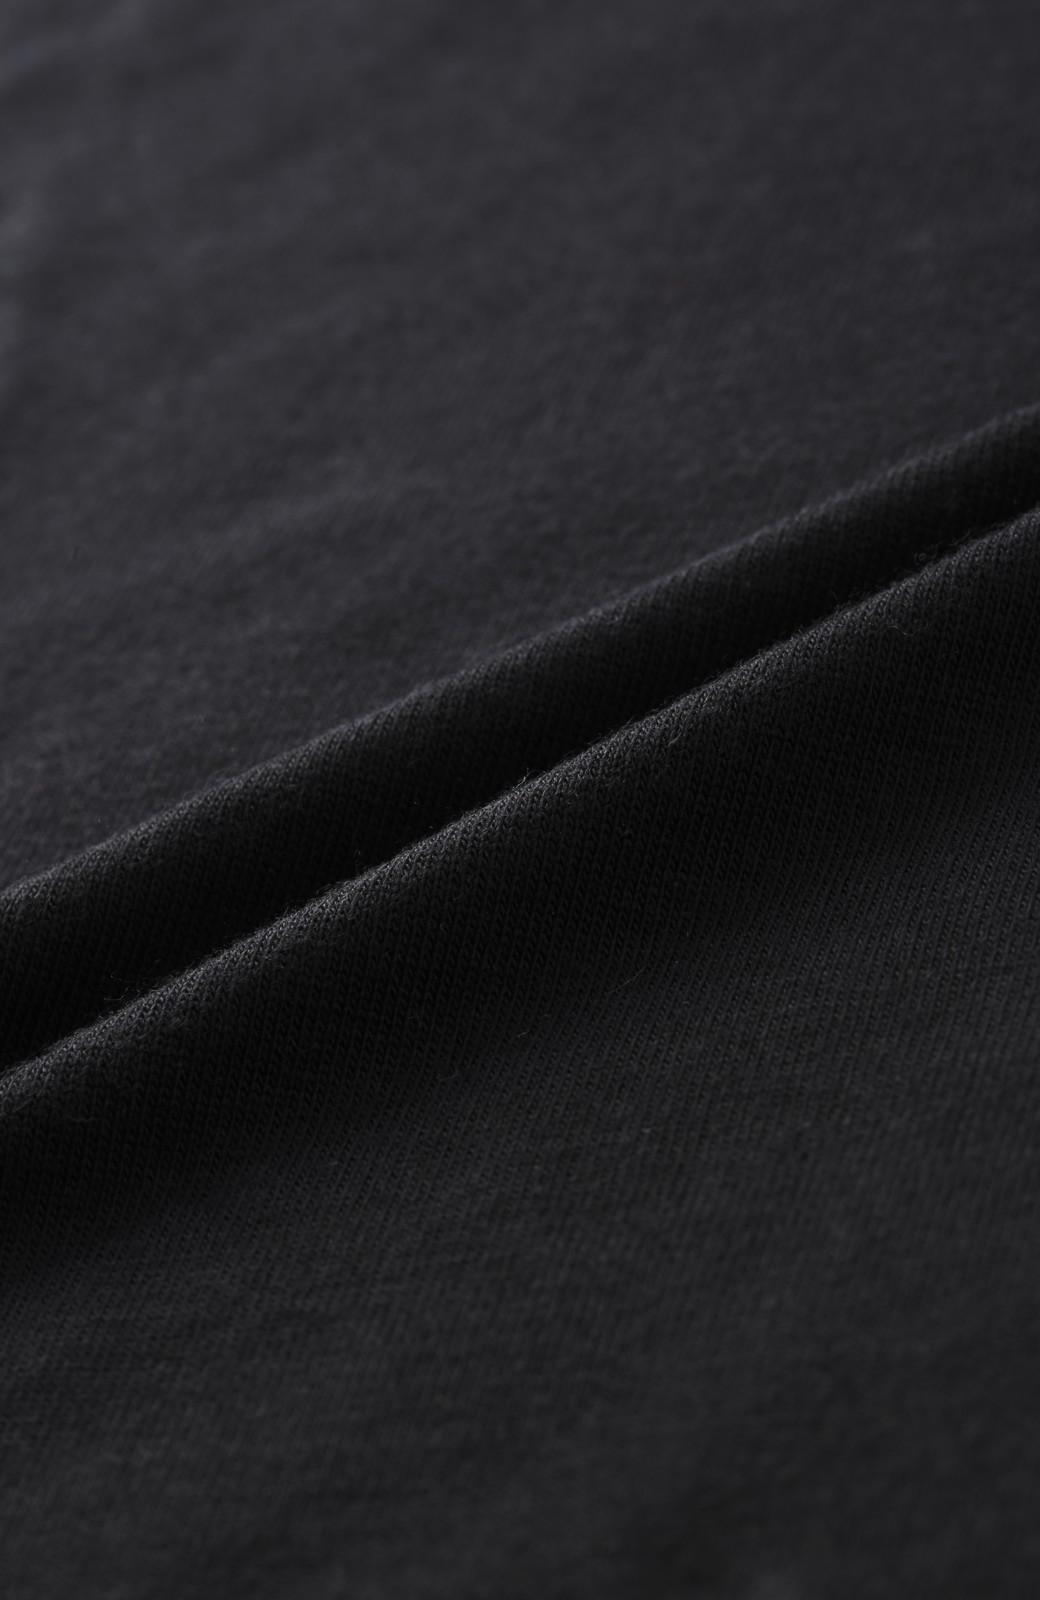 haco! 旅の救世主!3泊4日のキャミオールインワン&ゆったりTシャツセット <ブラック>の商品写真6